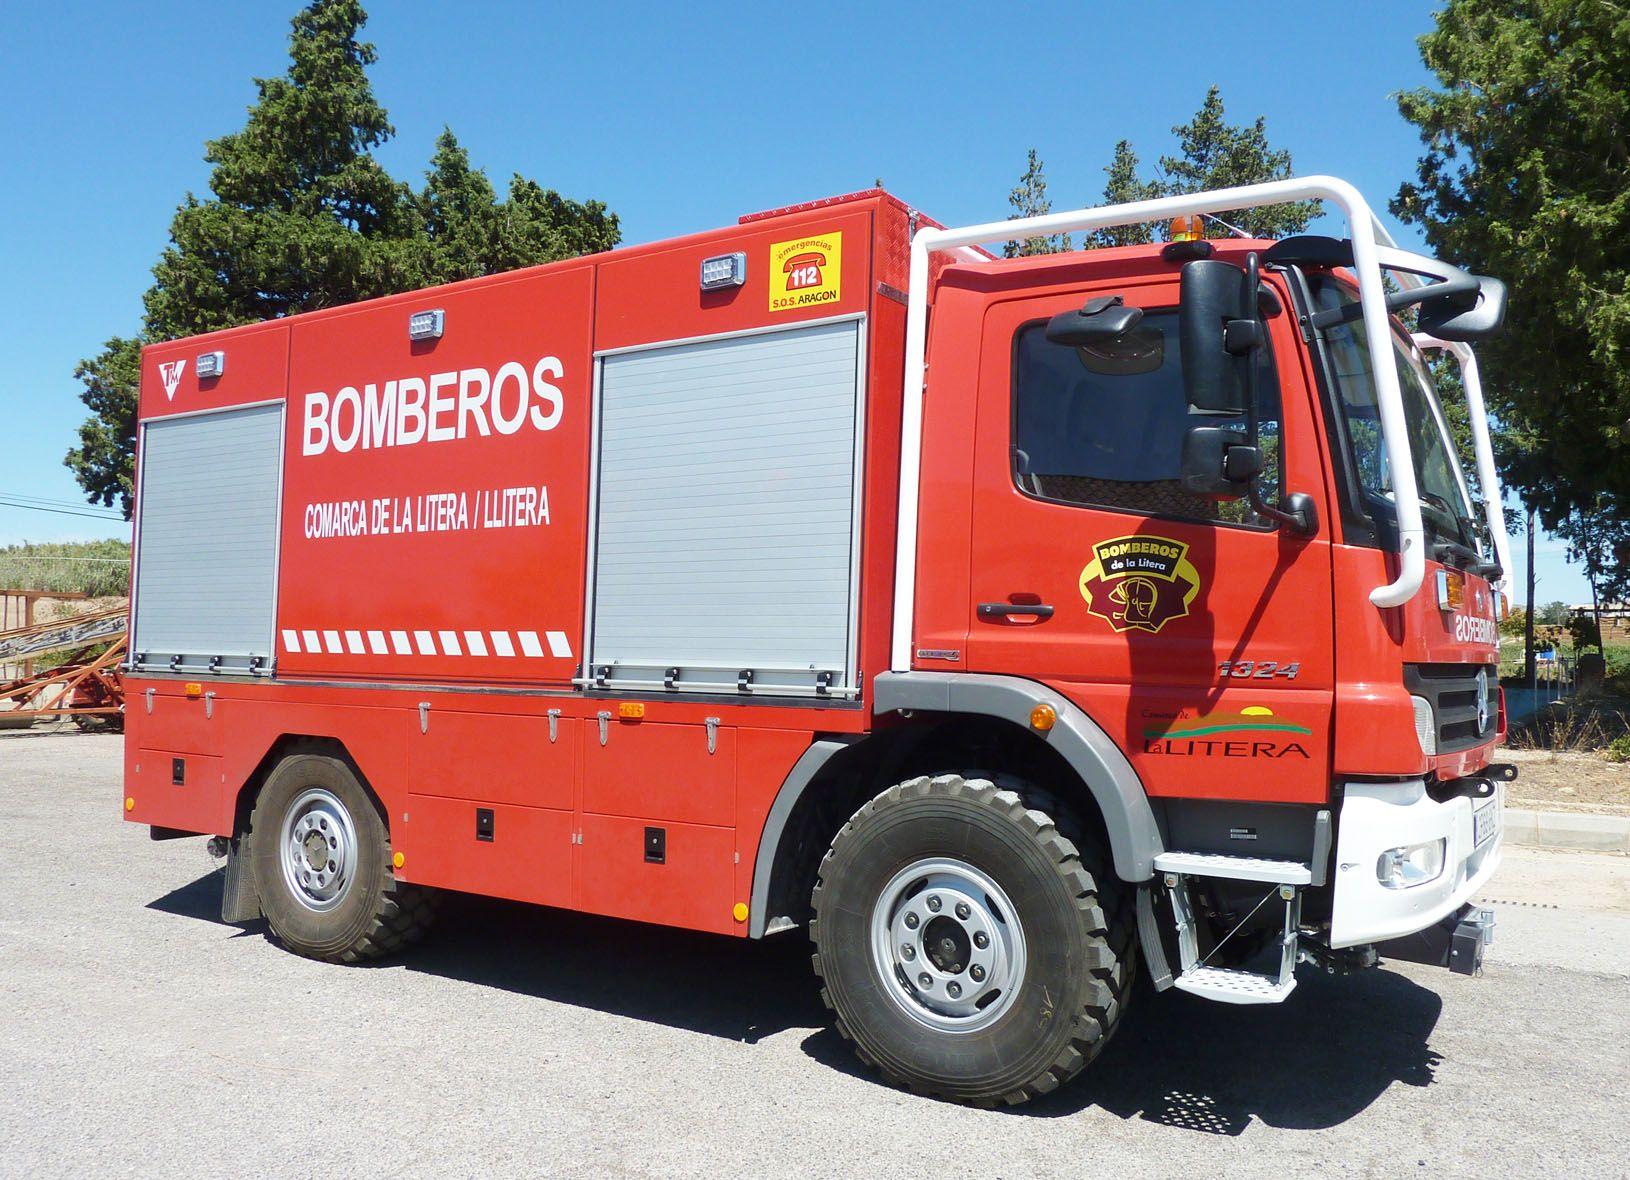 El servicio de bomberos de la comarca cierra 40 días en pleno verano